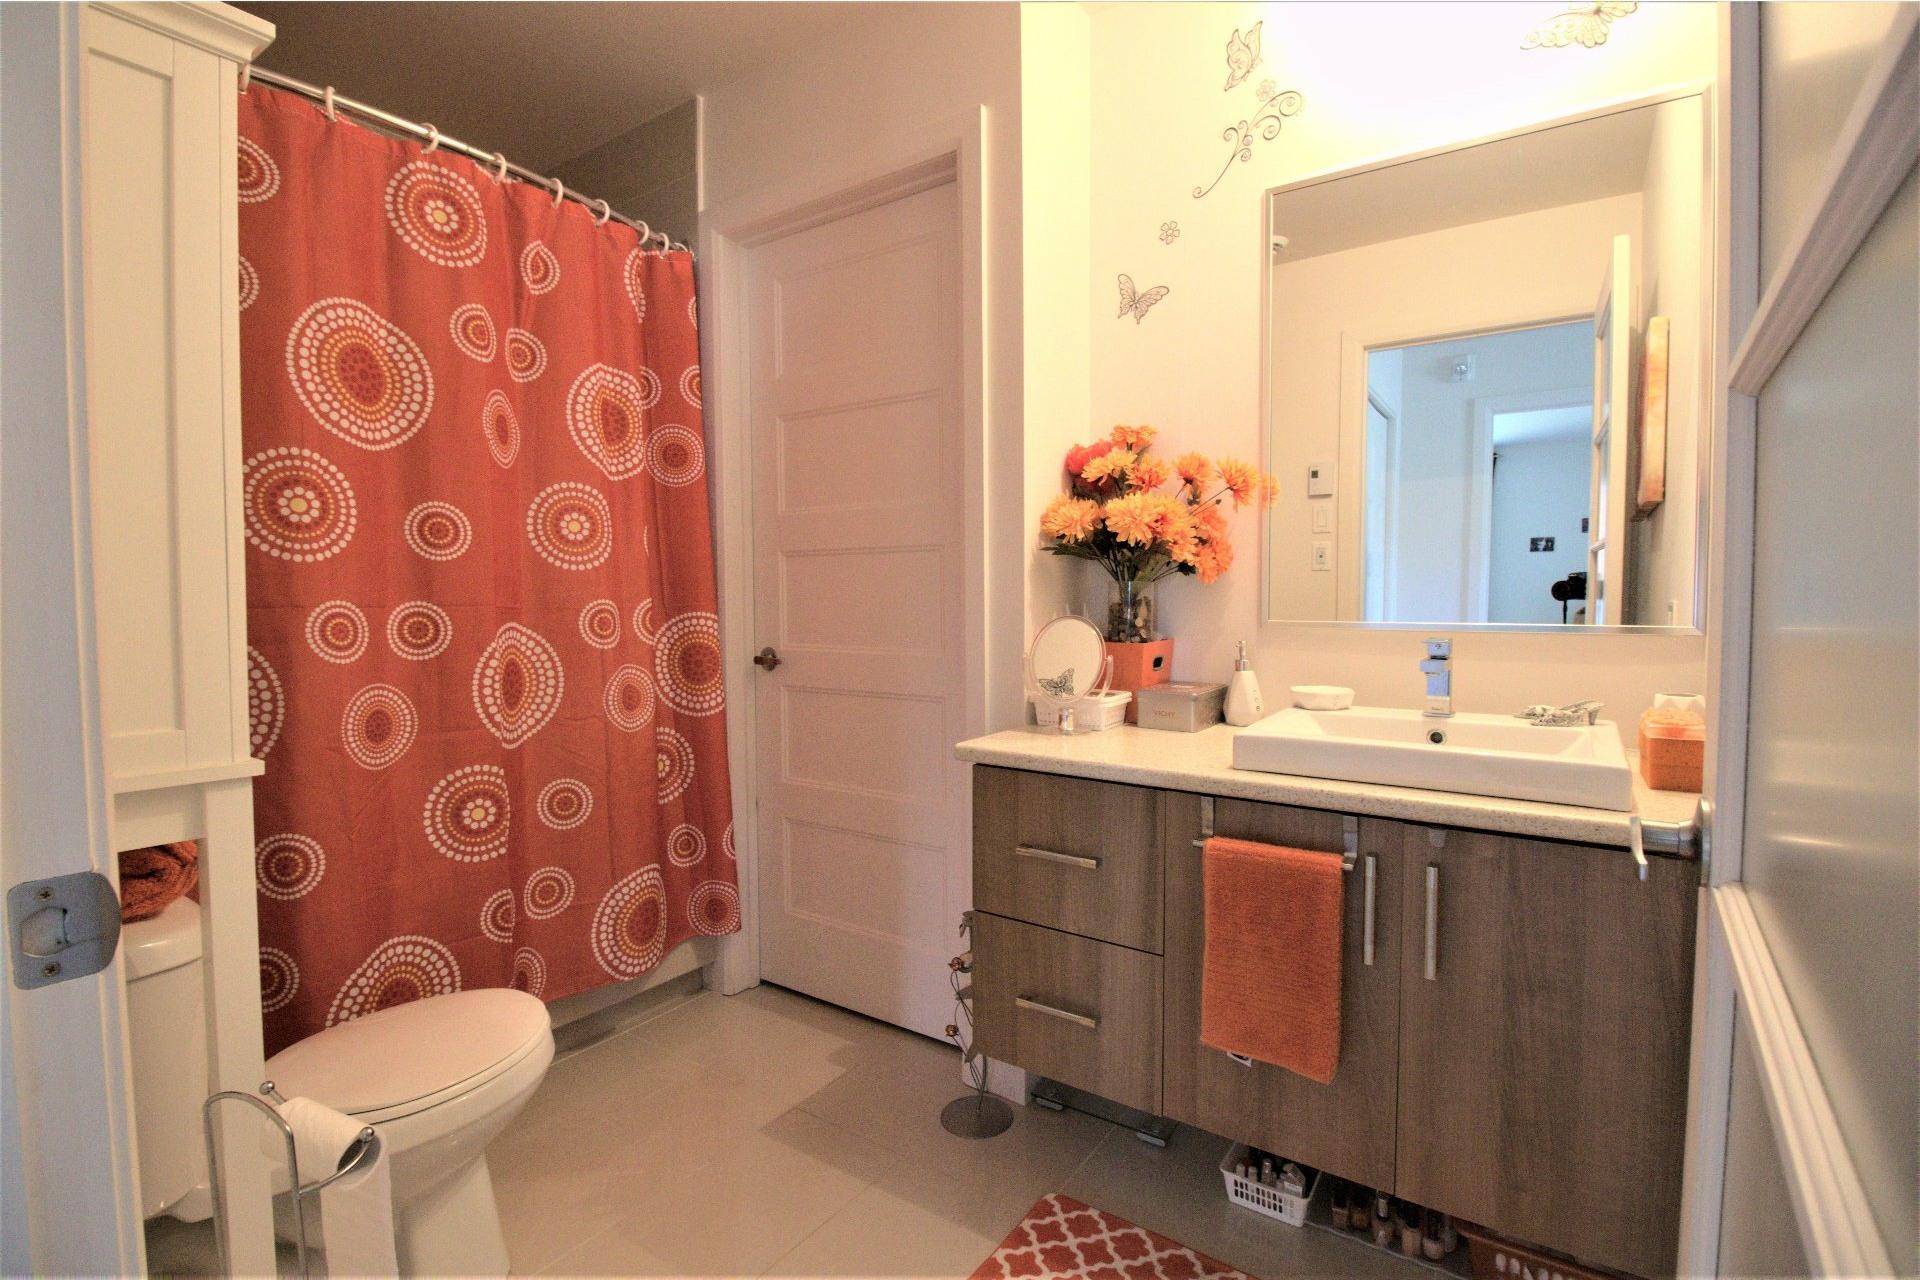 image 10 - Appartement À vendre Trois-Rivières - 5 pièces